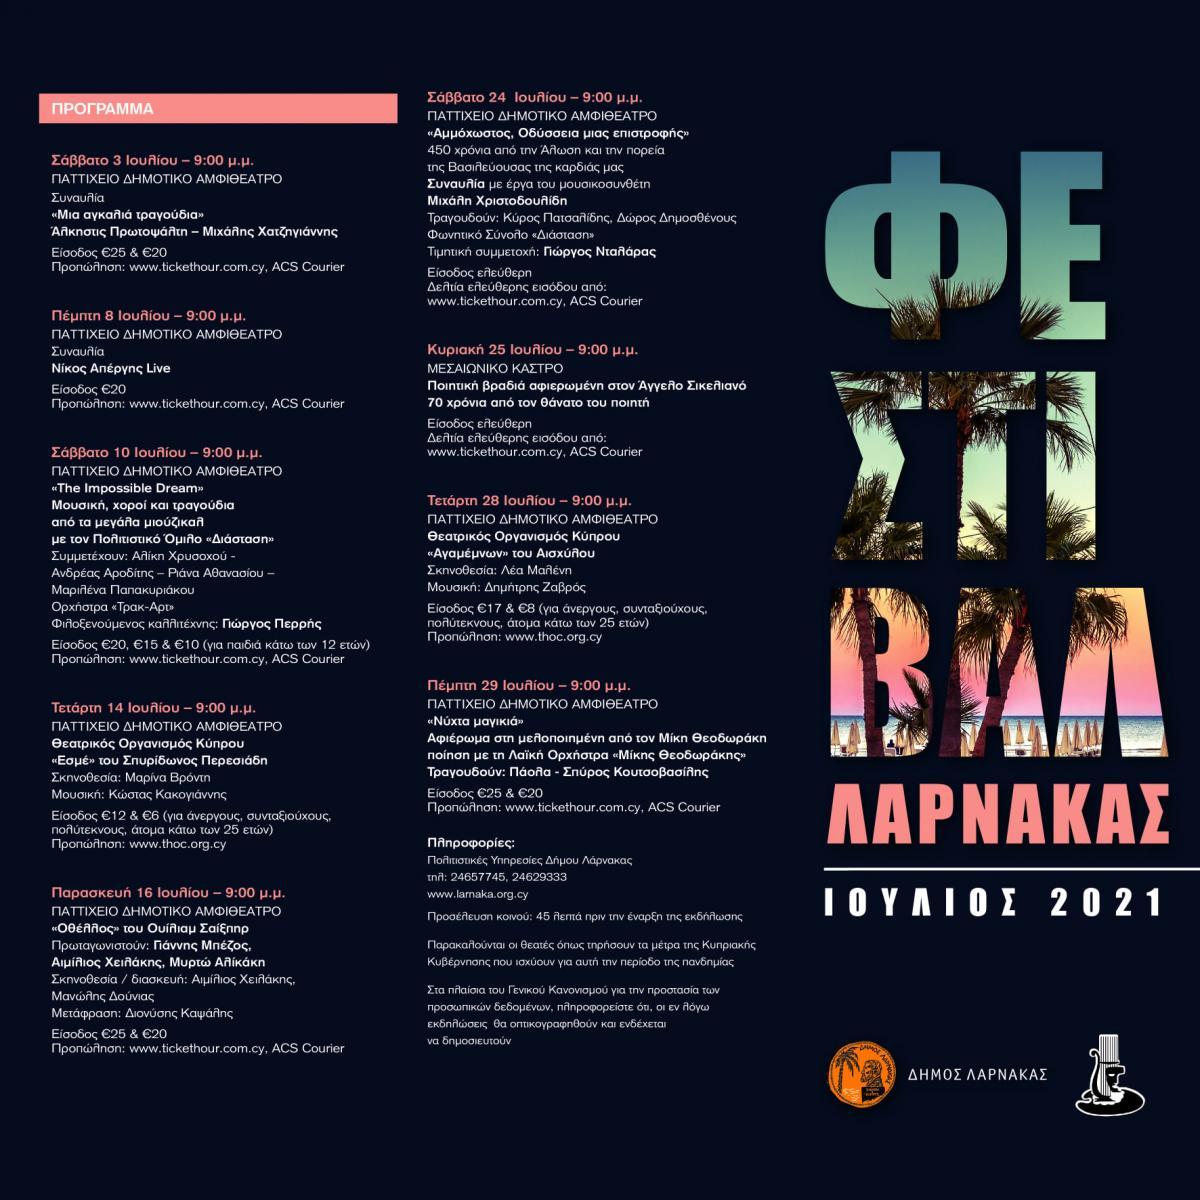 ΦΕΣΤΙΒΑΛ ΛΑΡΝΑΚΑΣ - Larnakaonline.com.cy